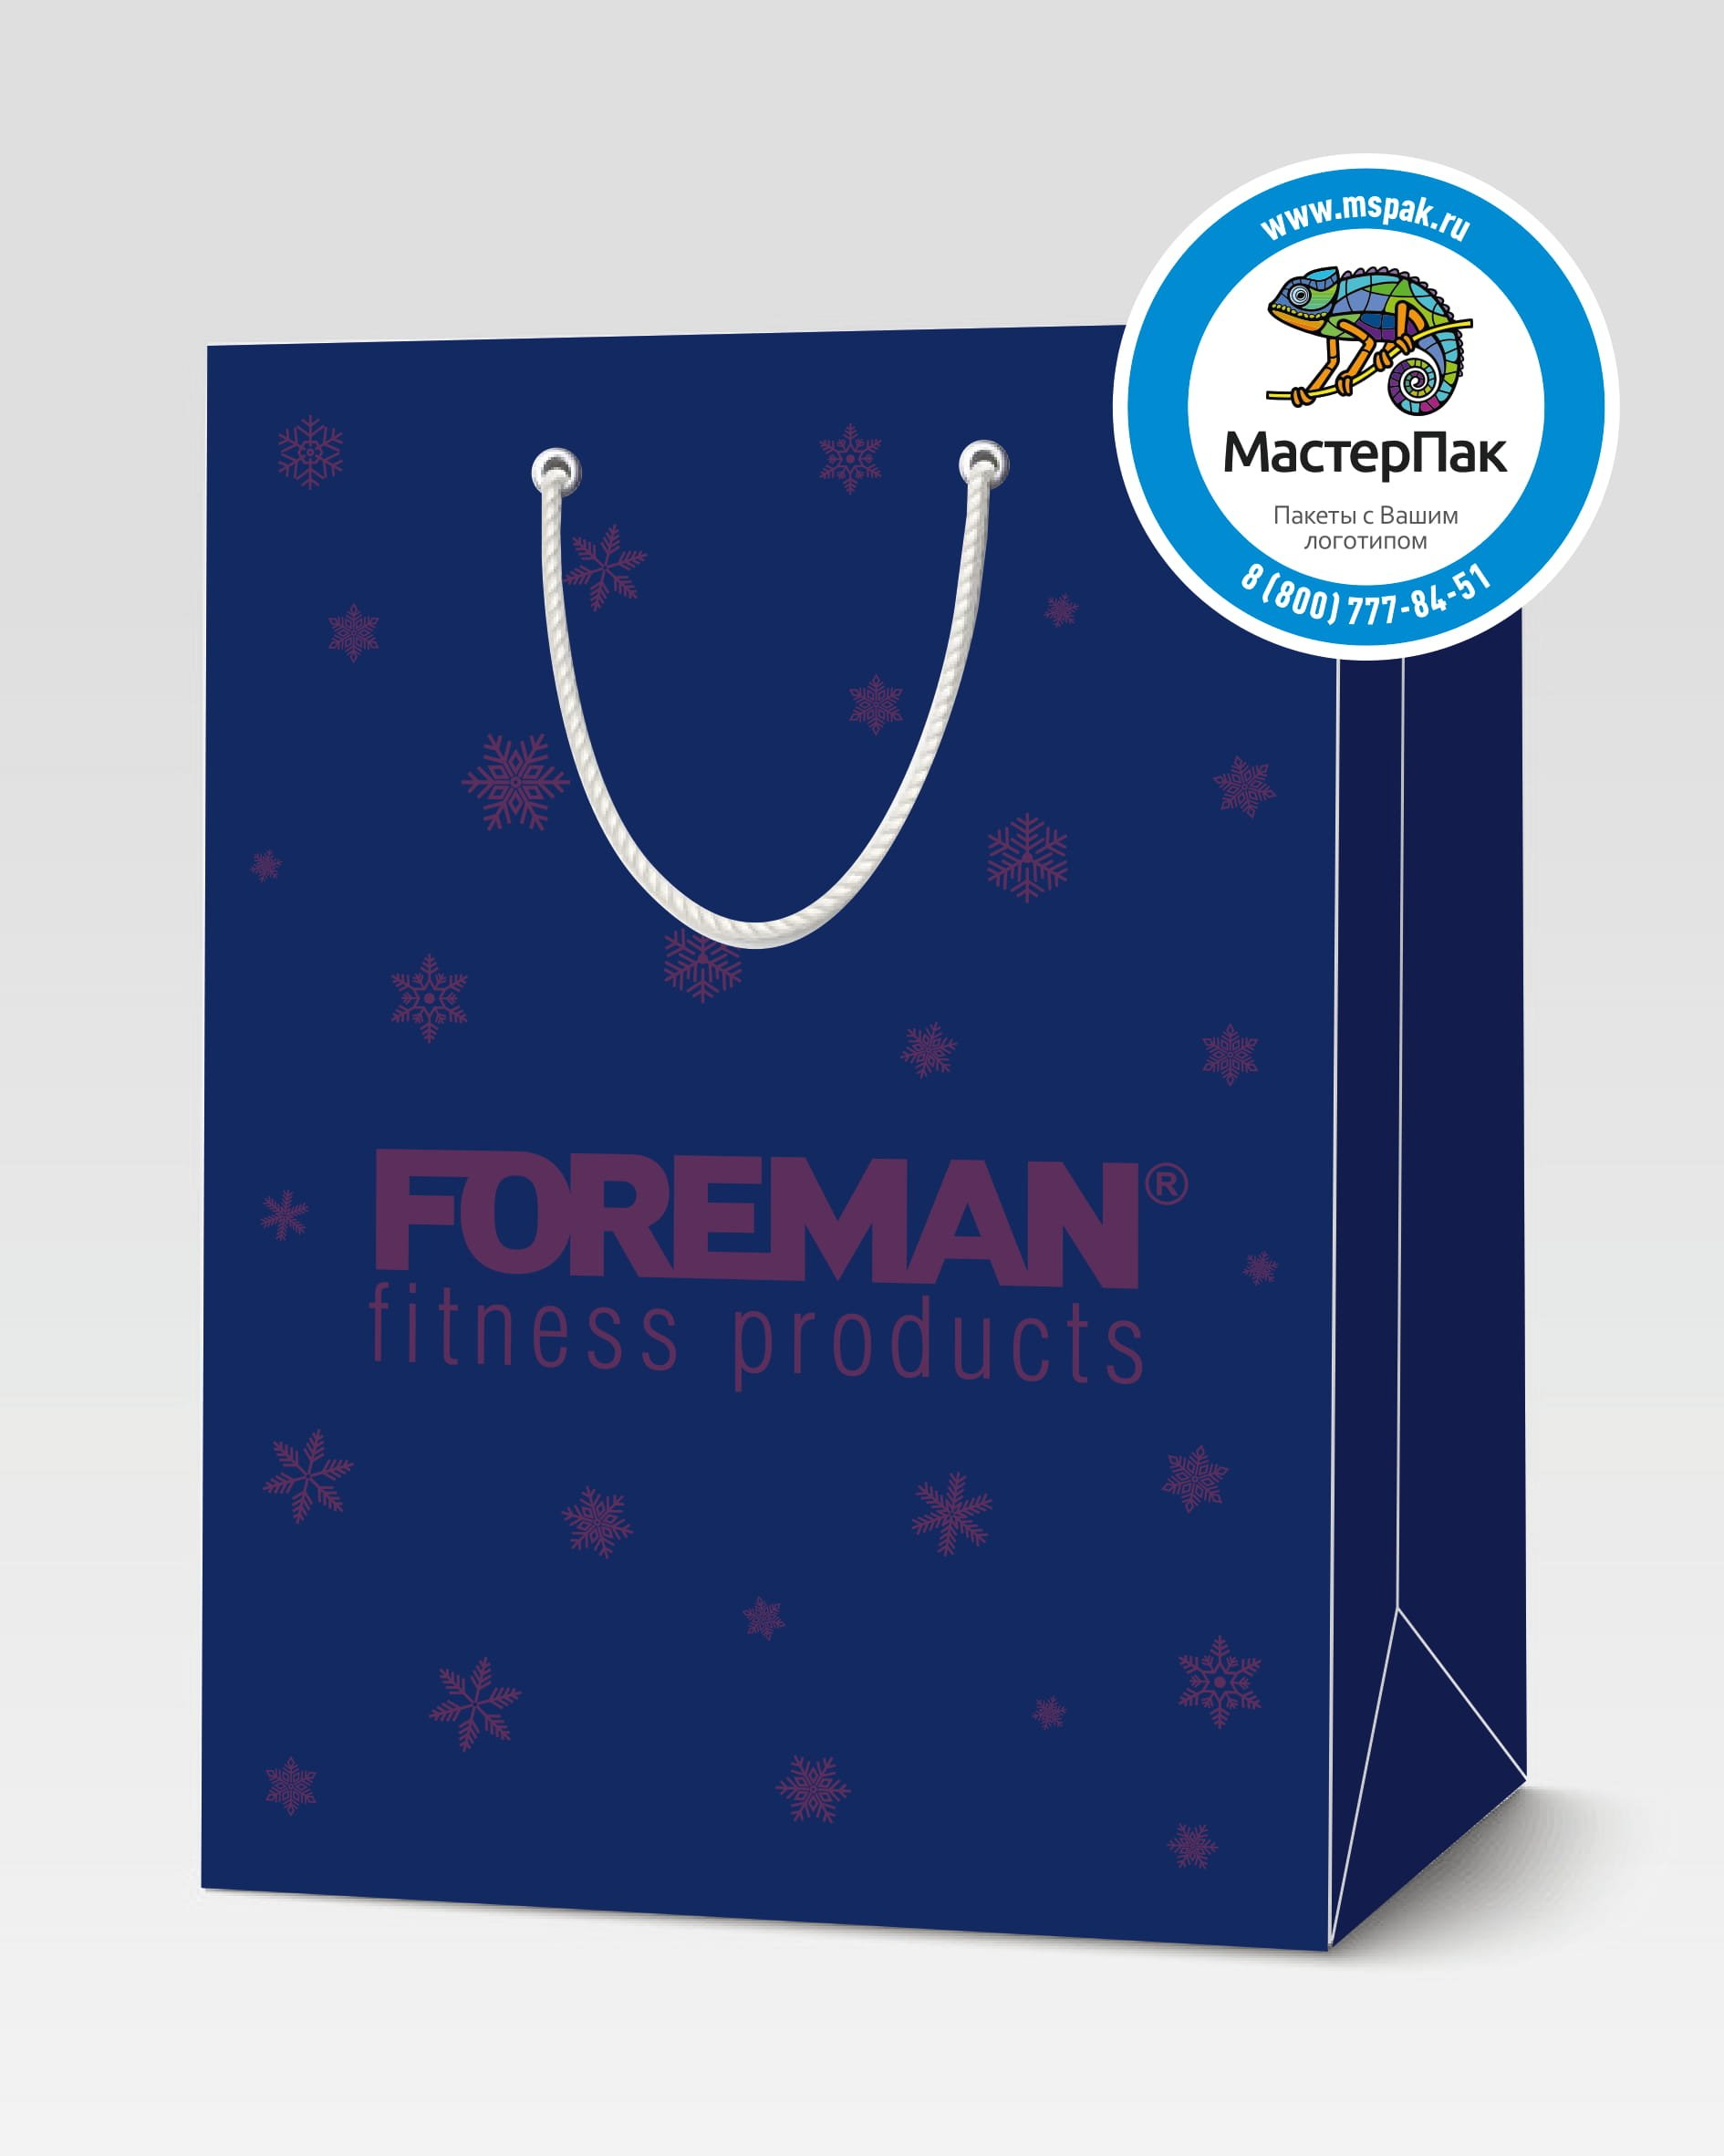 Пакет подарочный, бумажный с логотипом Foreman, люверсы, 30*40 см